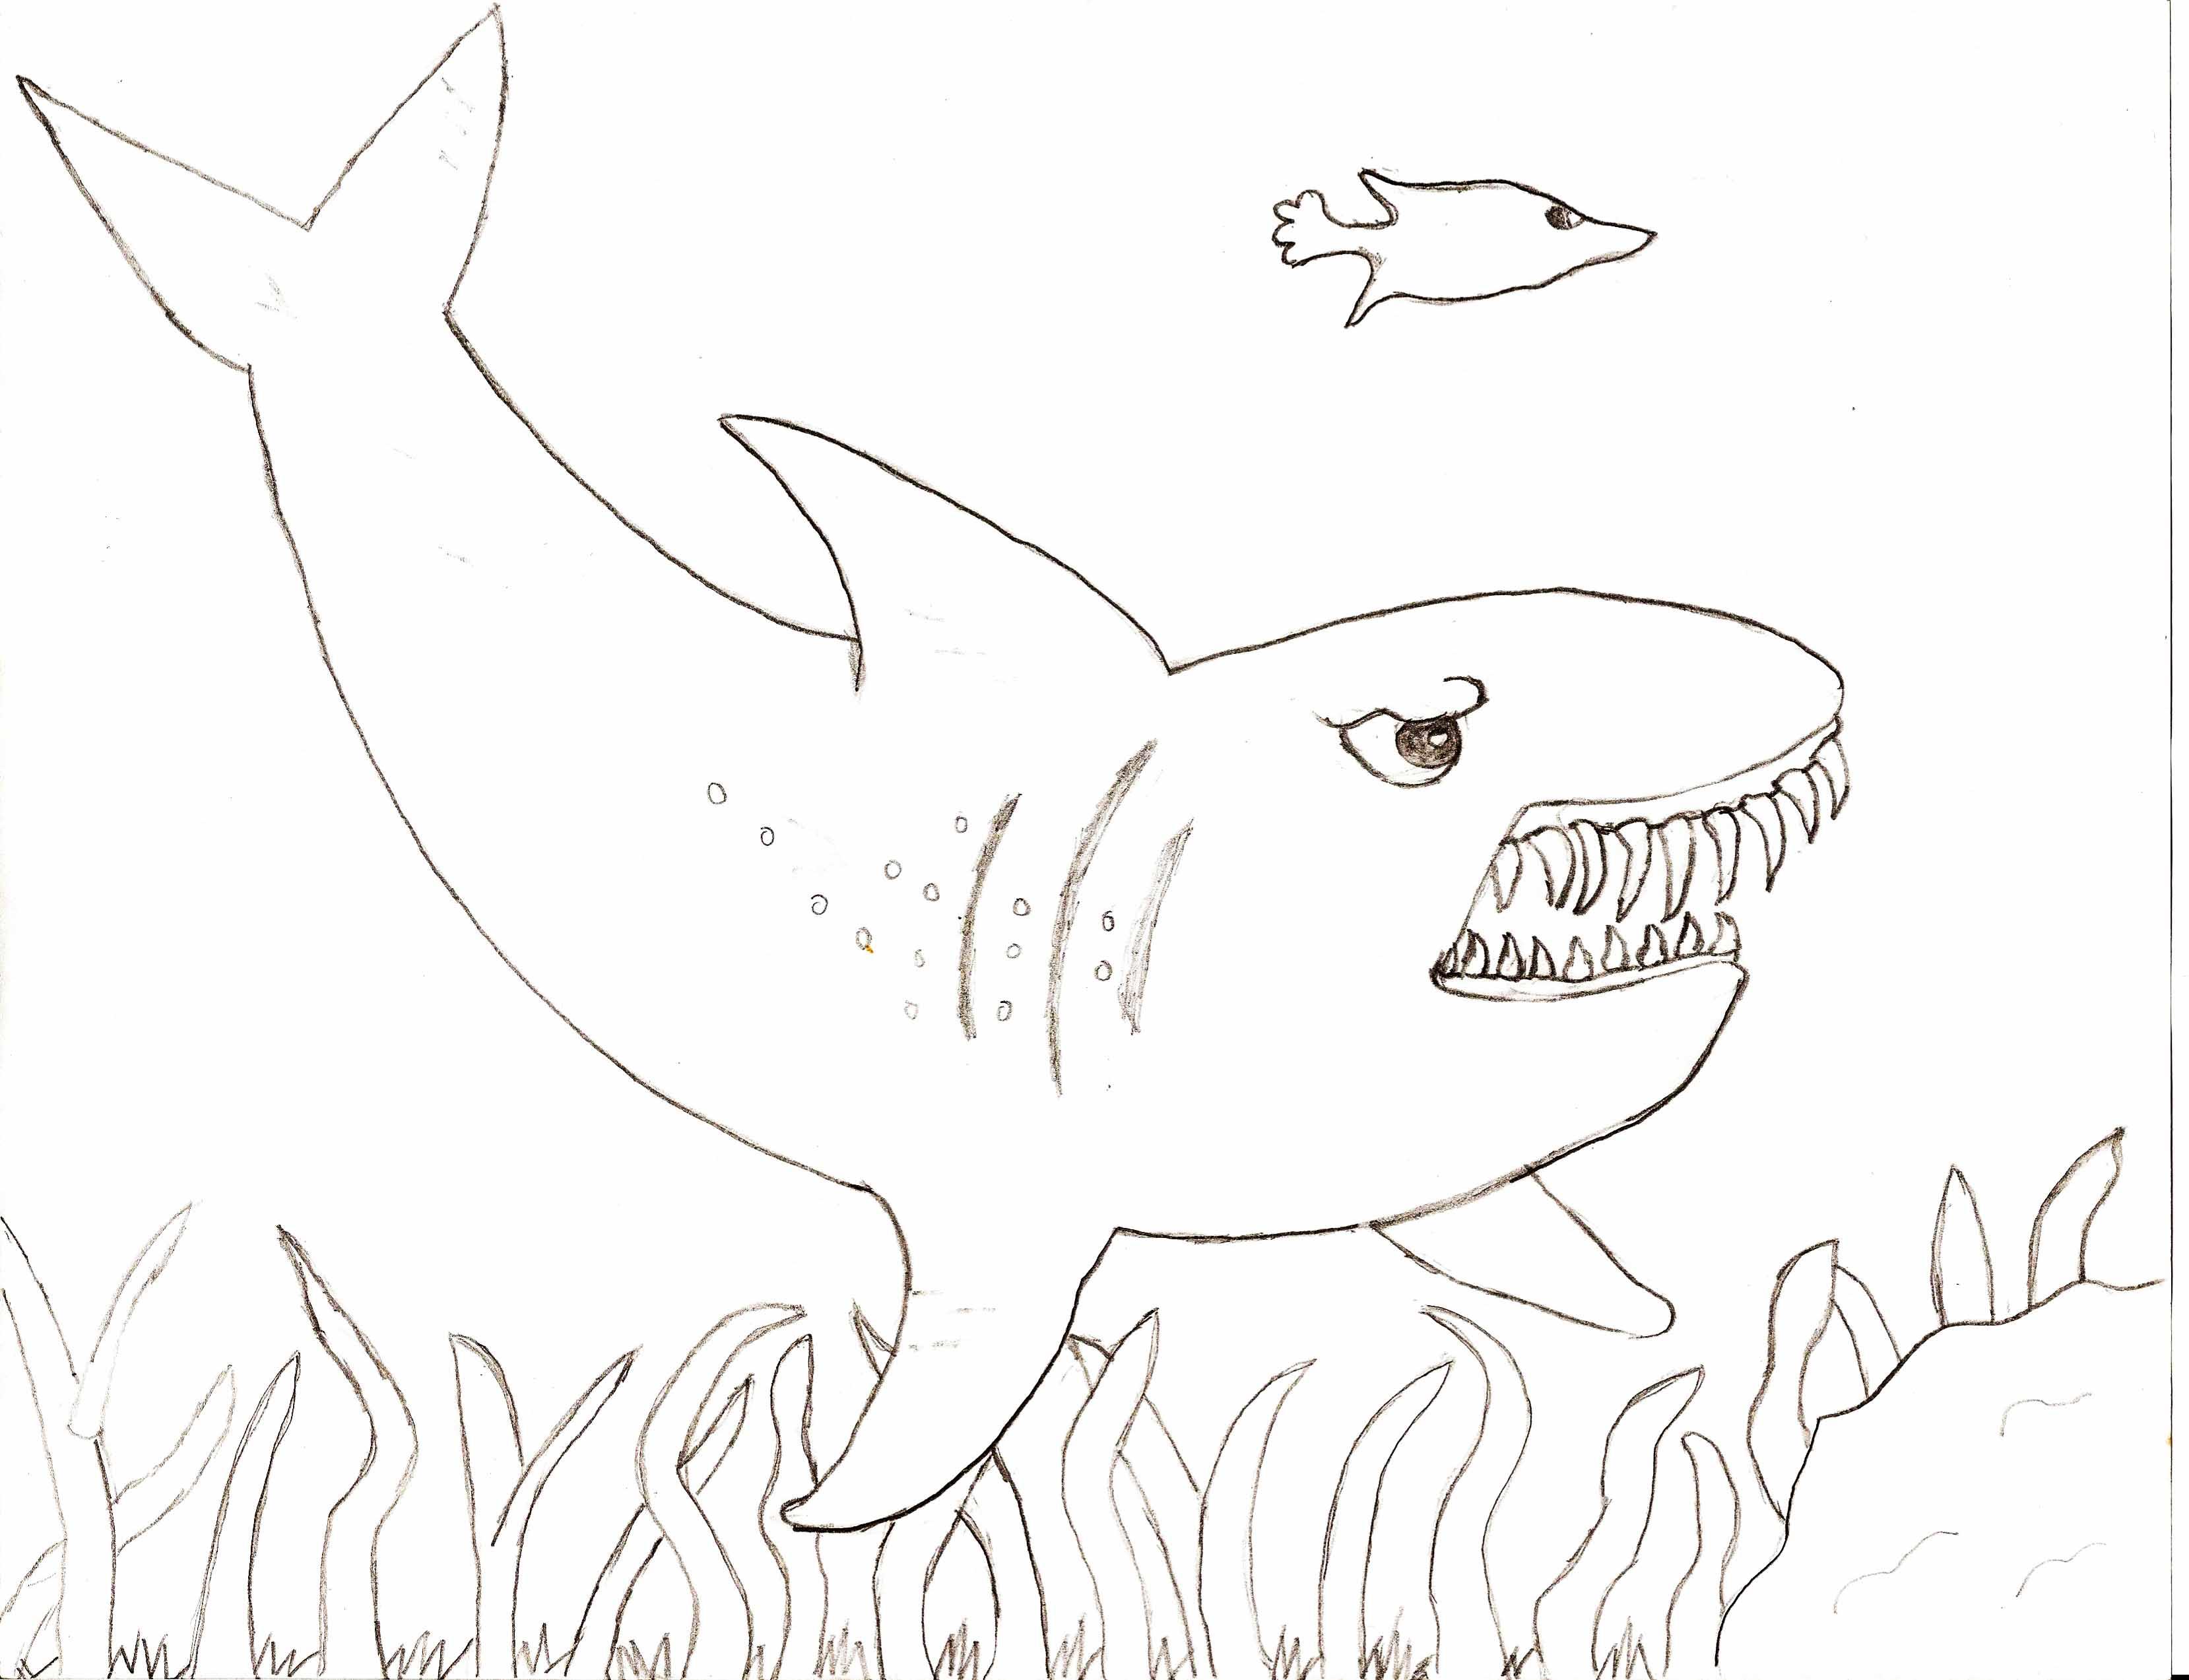 Megalodon Shark Drawing At Getdrawings